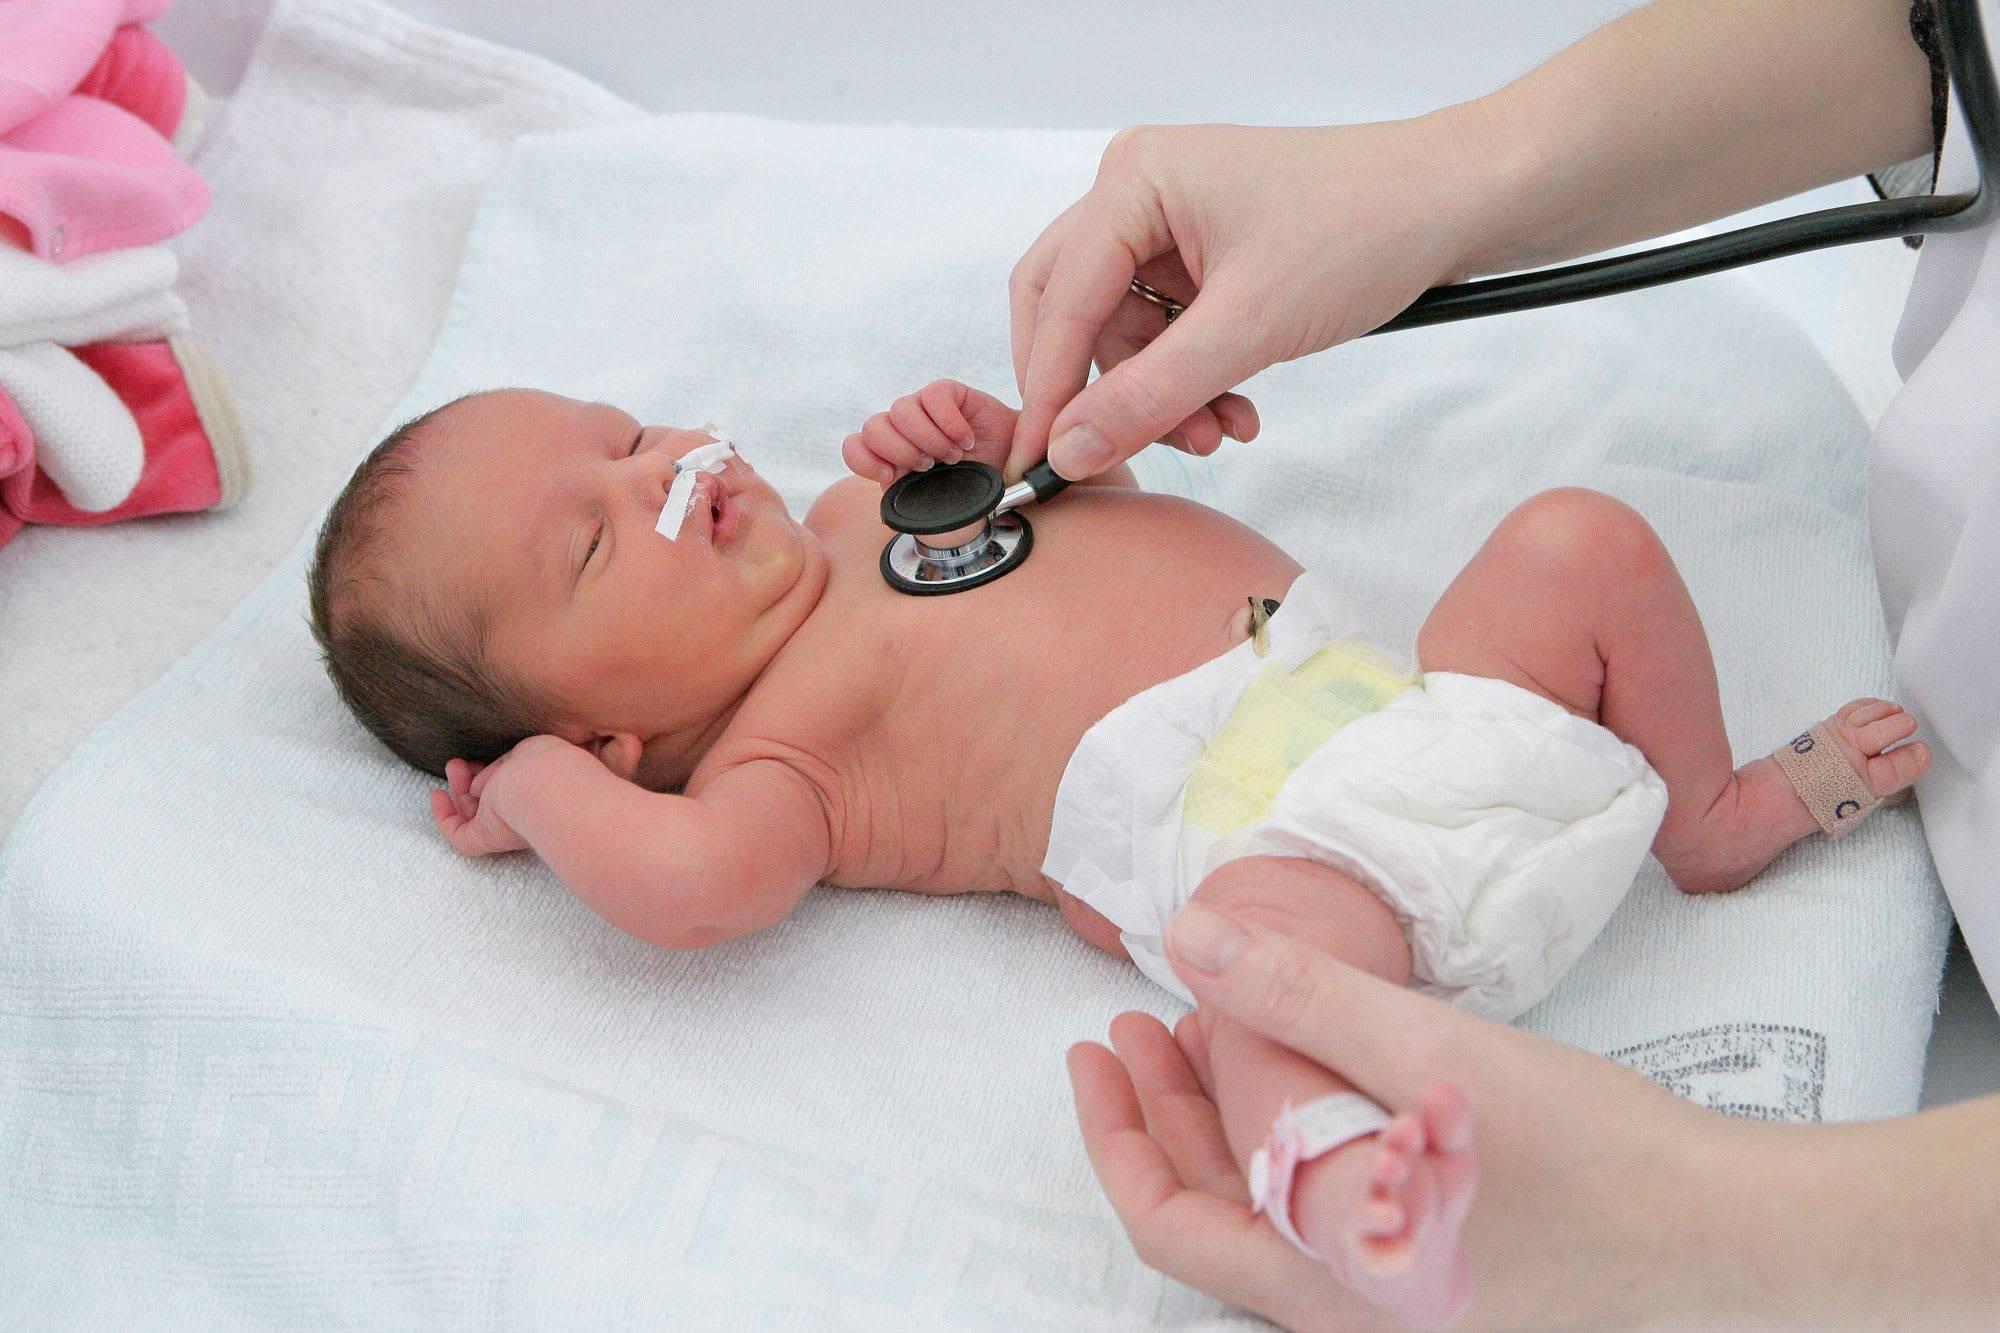 Гипоксия у новорожденного - что это такое и как с ней справиться